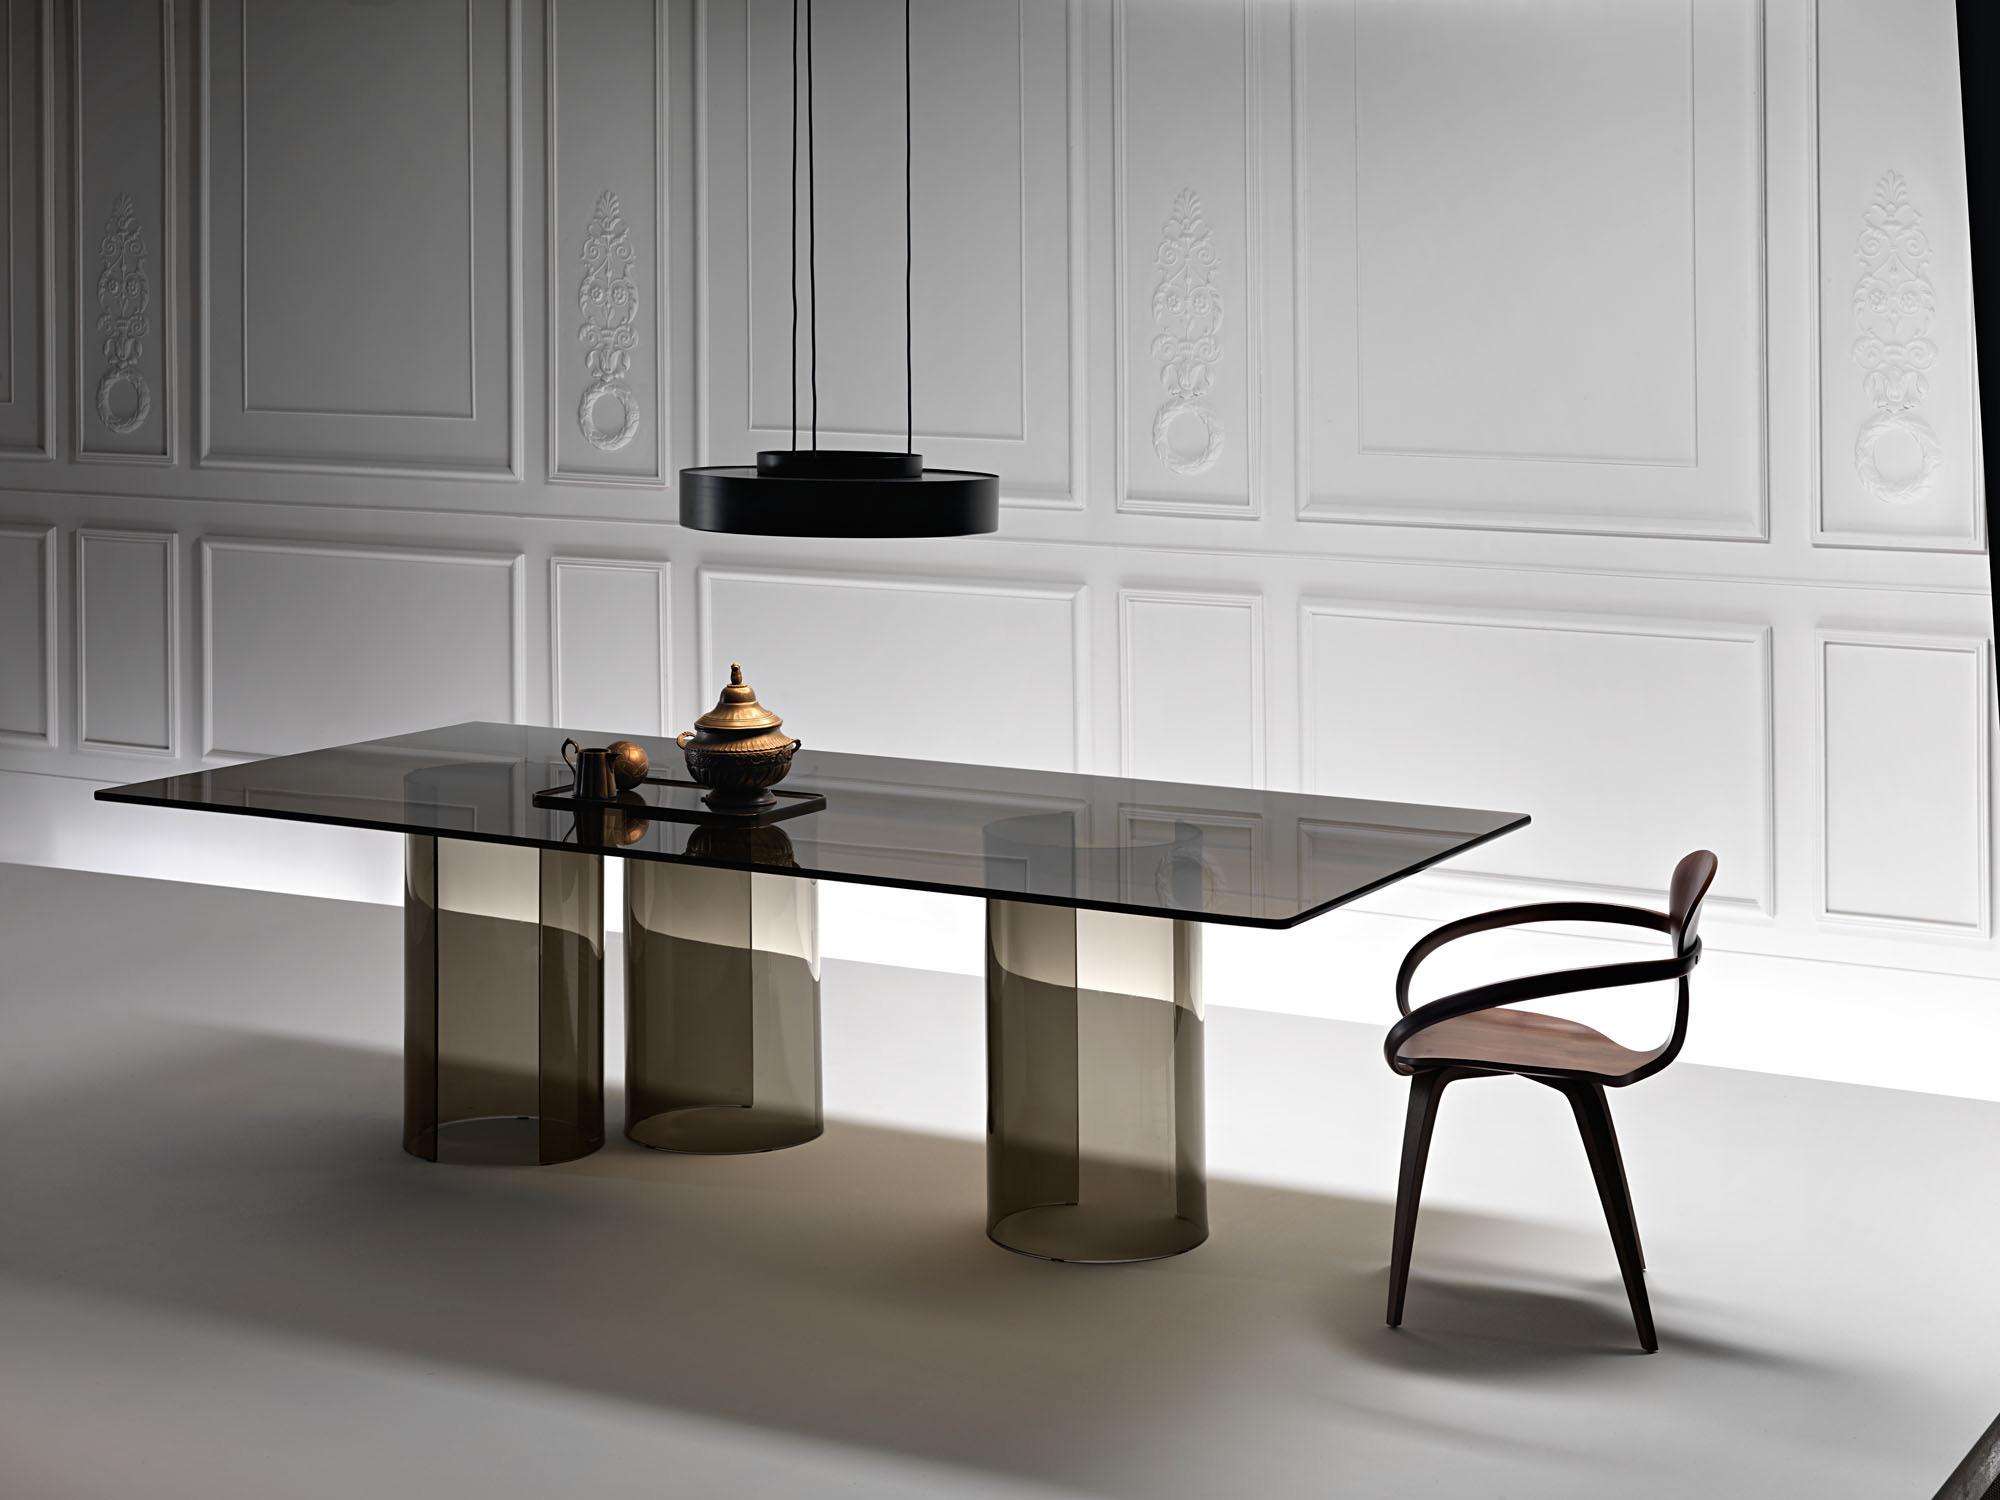 Tavoli di vetro foto 1 livingcorriere for Immagini di tavoli